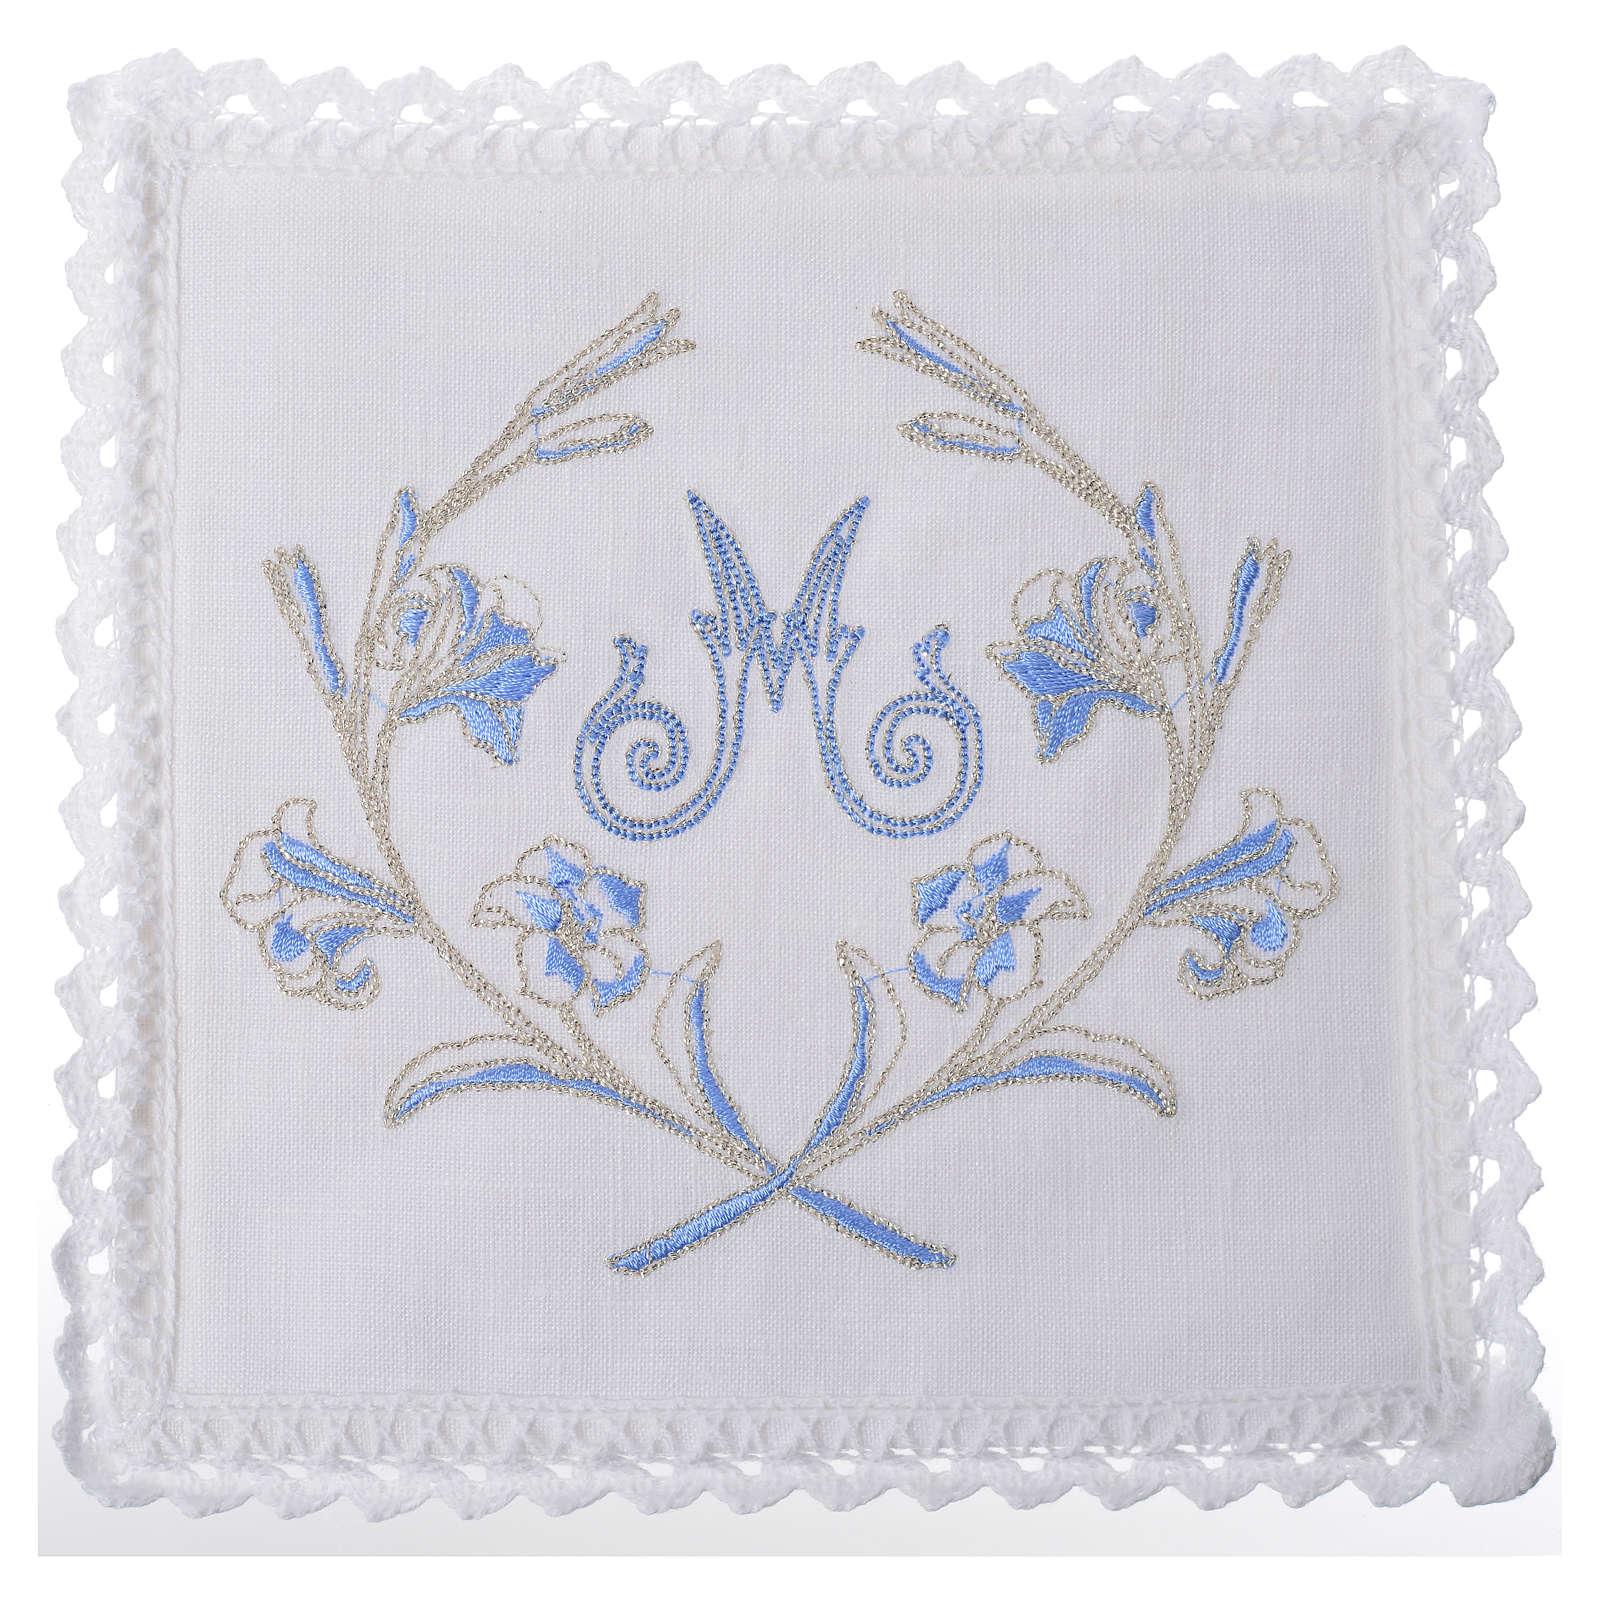 Conjunto de alfaia litúrgica 100% linho símbolo mariano com decoro 4